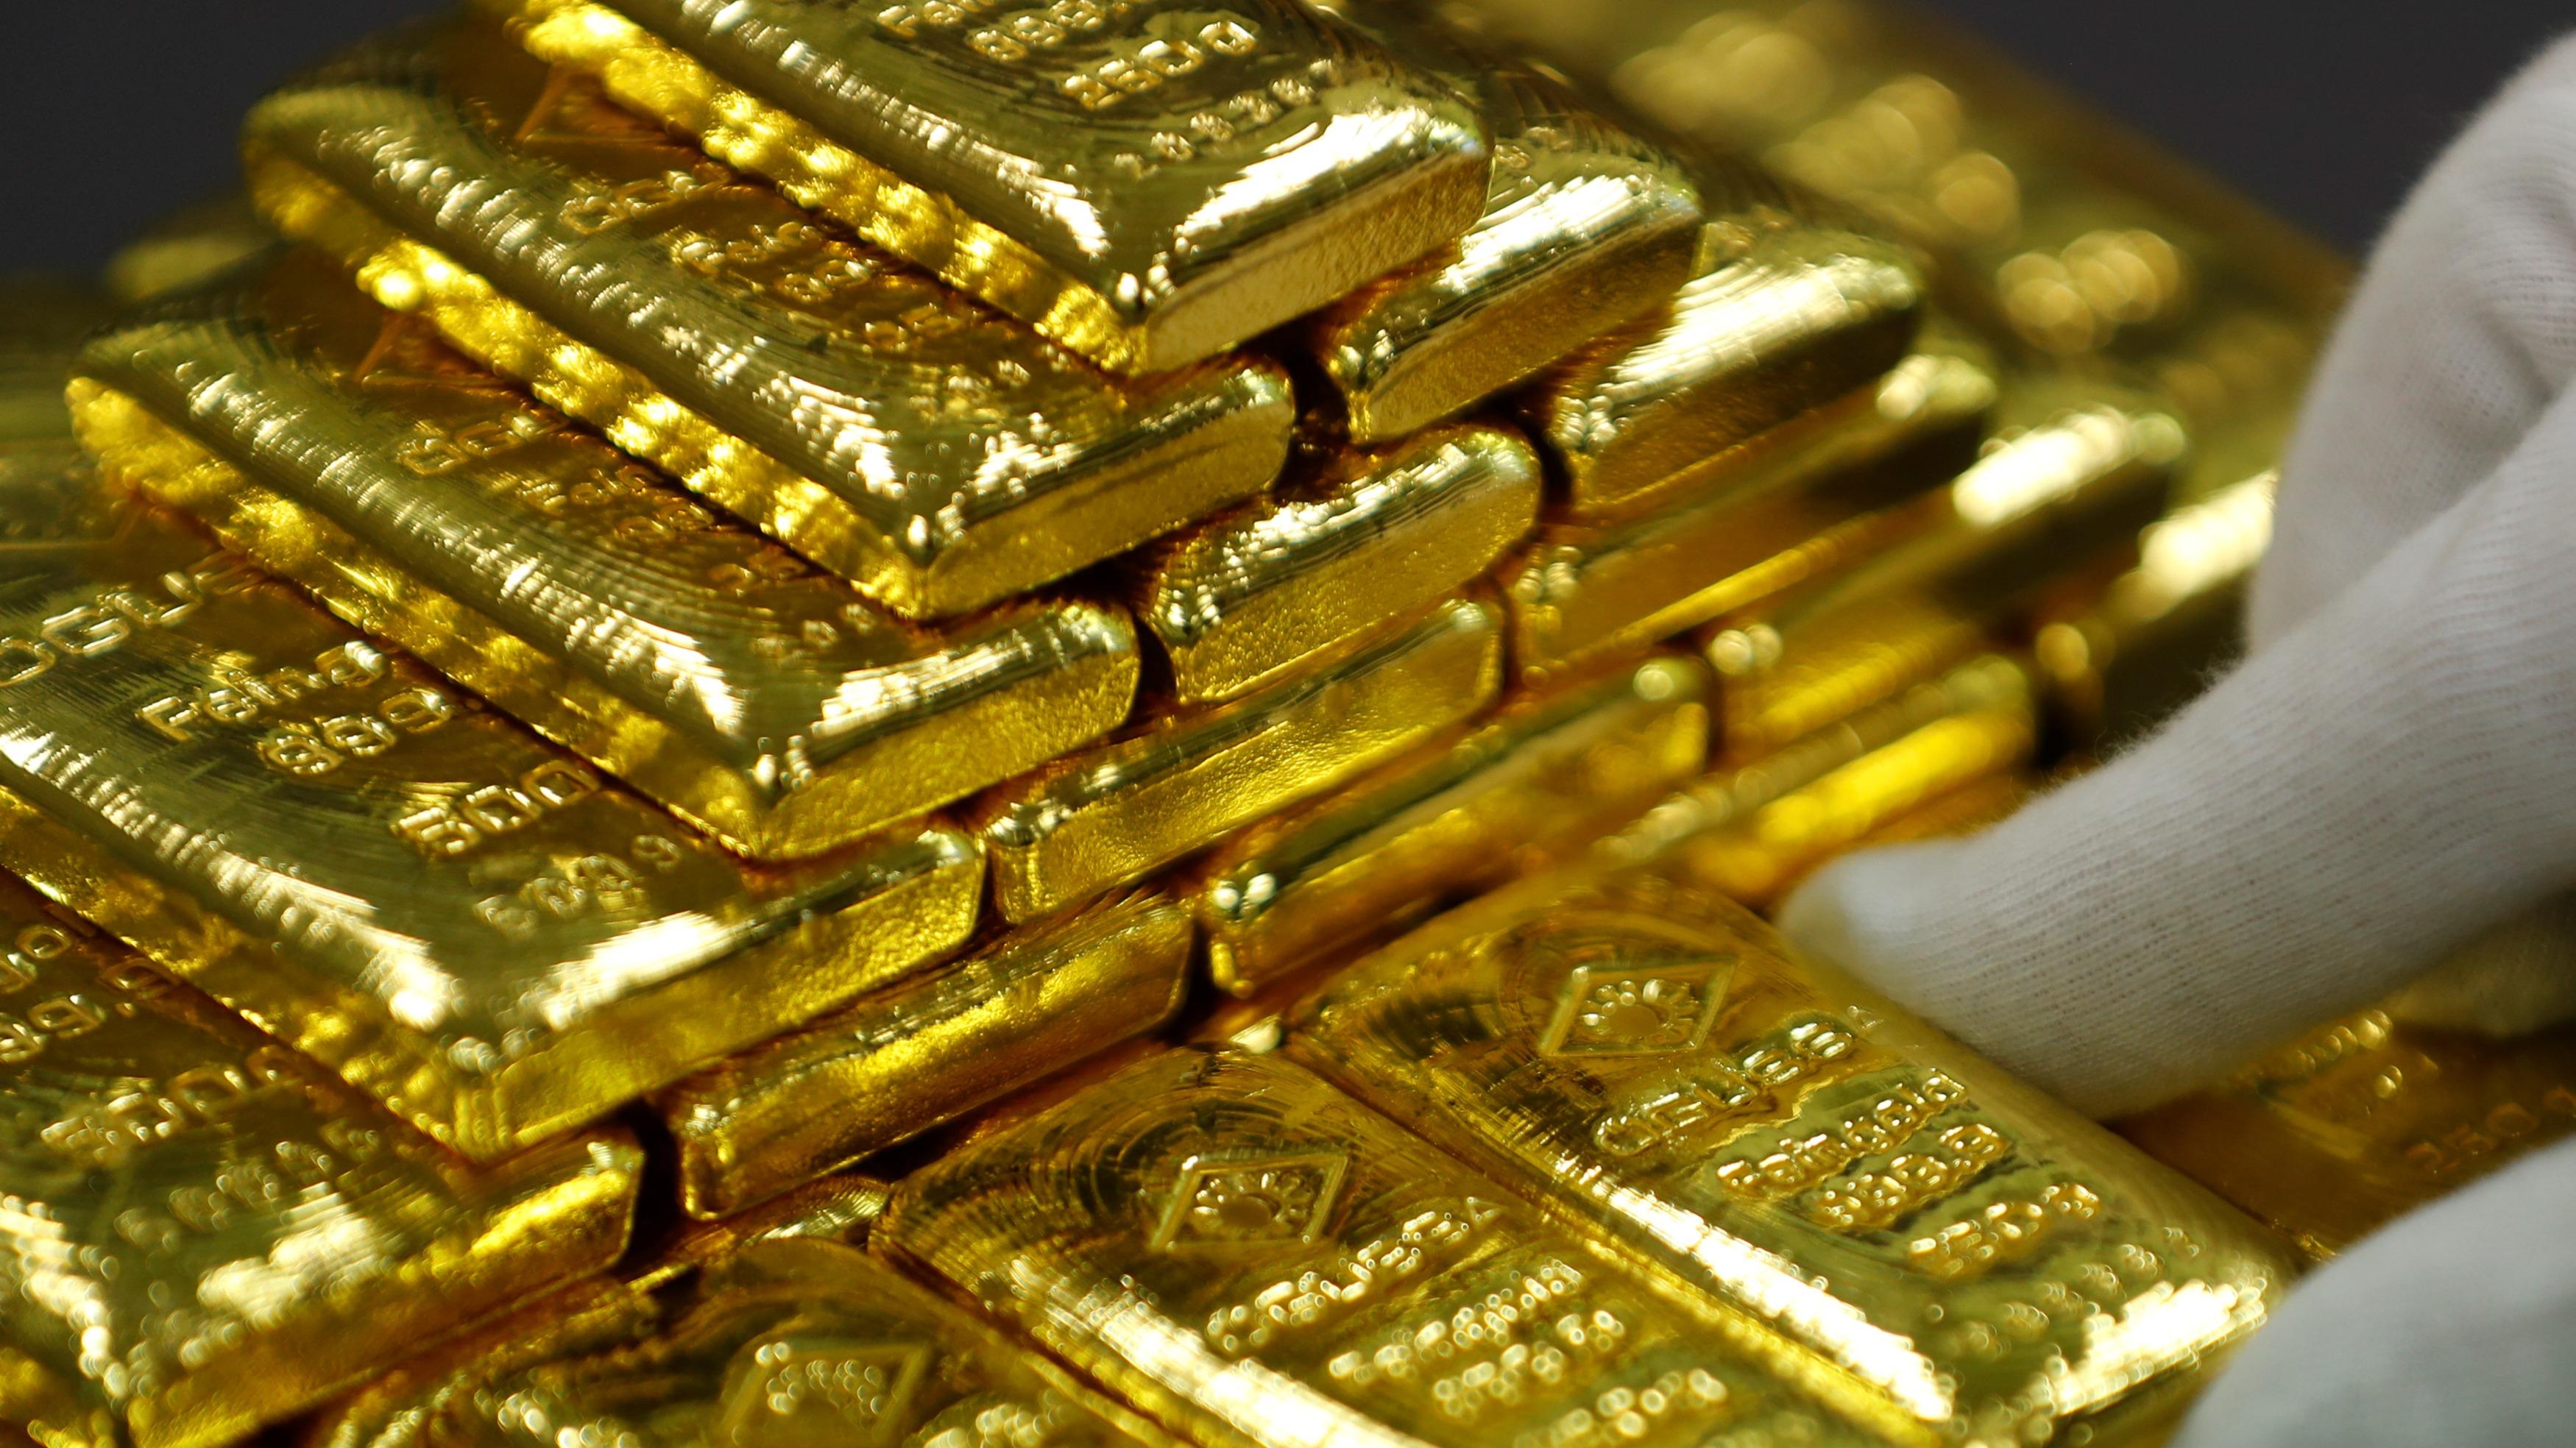 Giá vàng hôm nay 3/6: Đảo chiều tăng nhẹ - Ảnh 2.